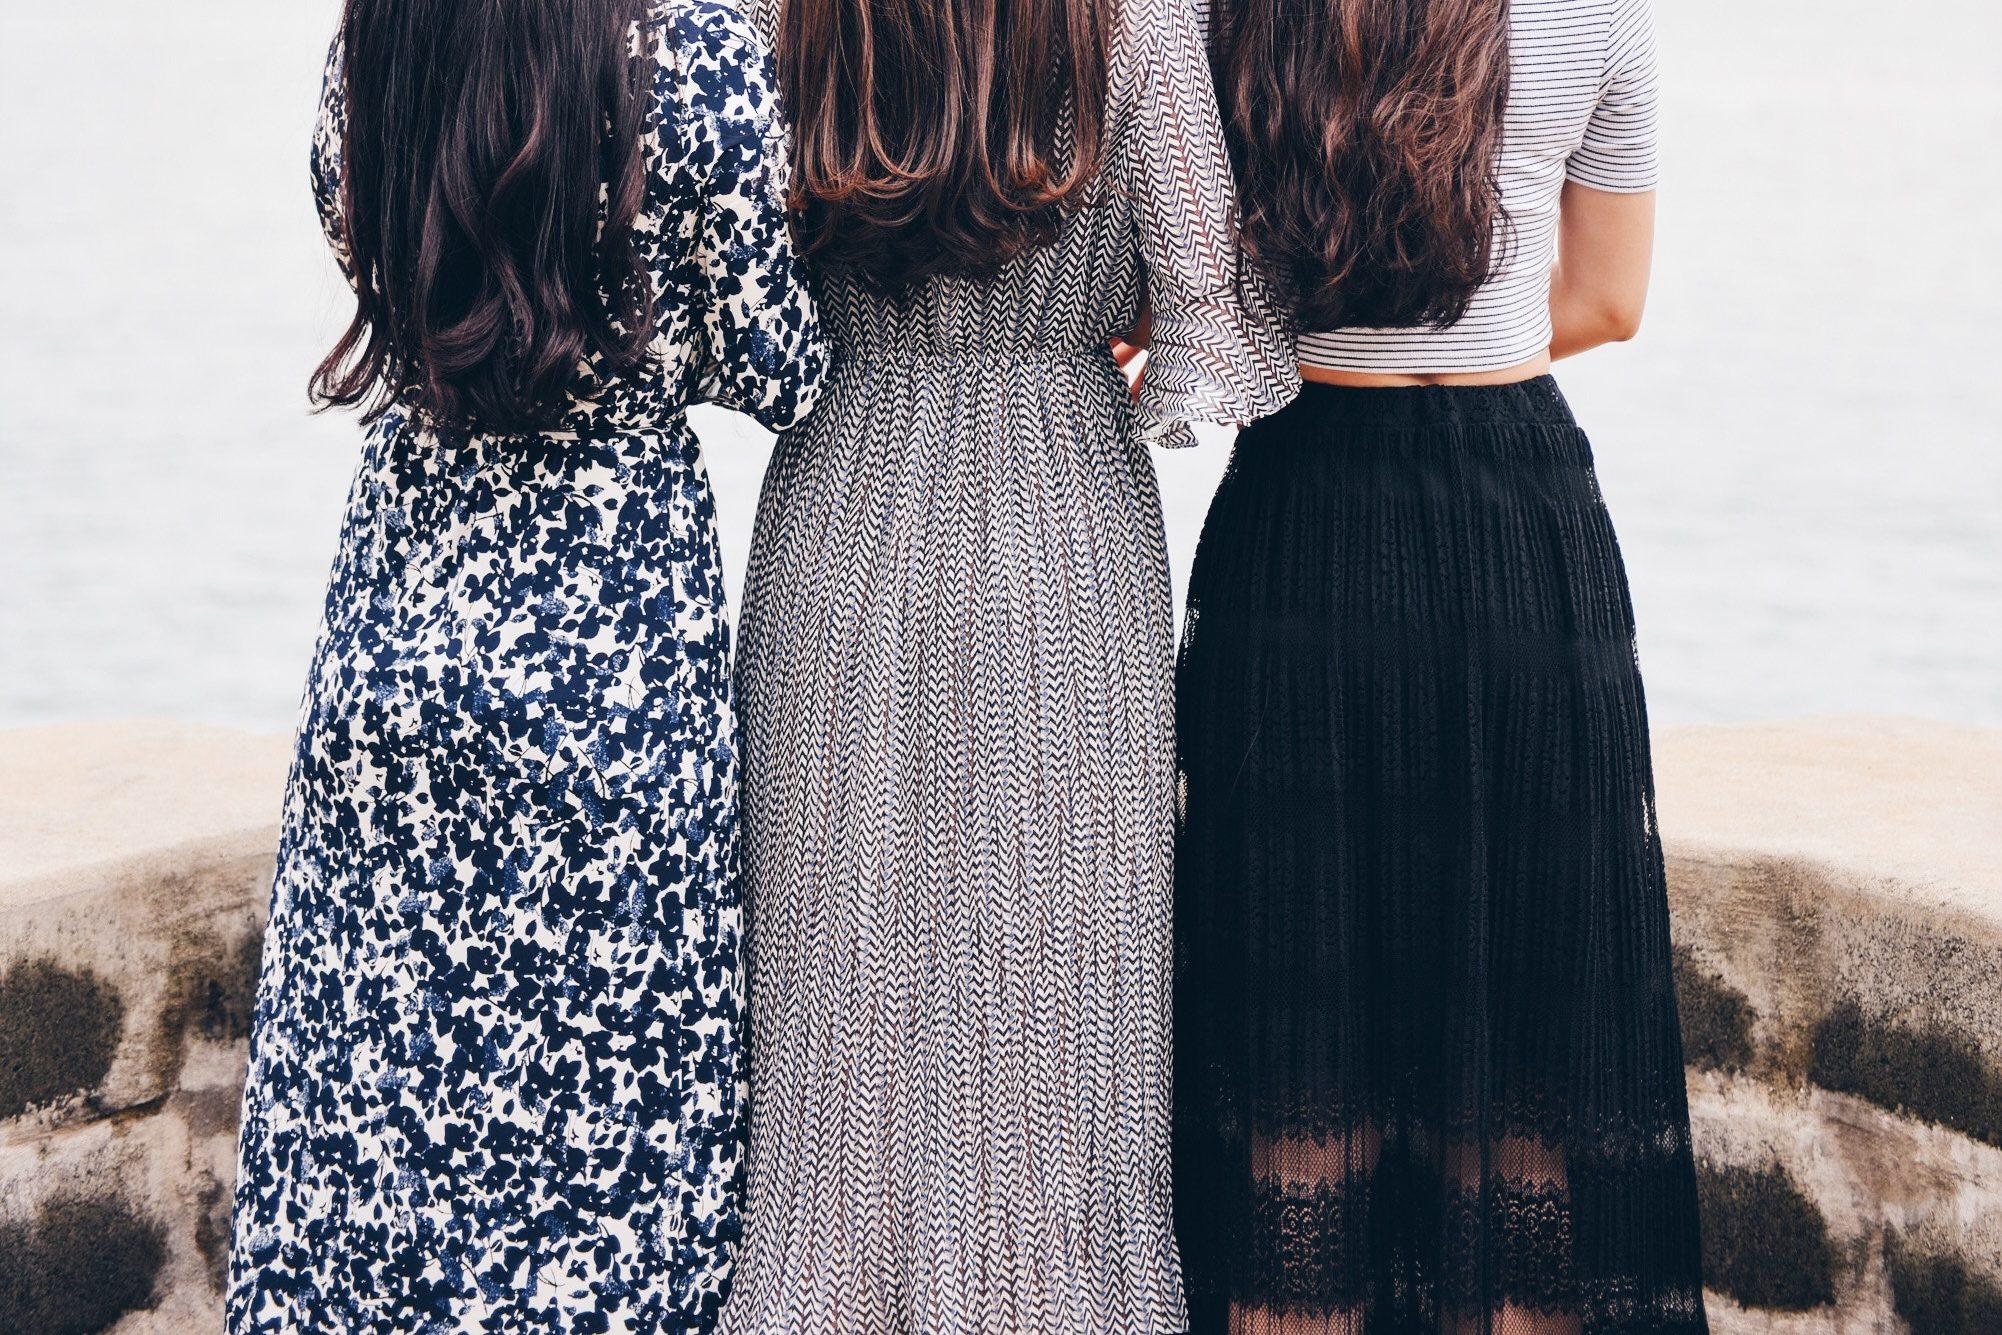 Summer Must-Haves  Τρία σούπερ οικονομικά φορέματα για όλες τις ώρες ... 59551b687c8